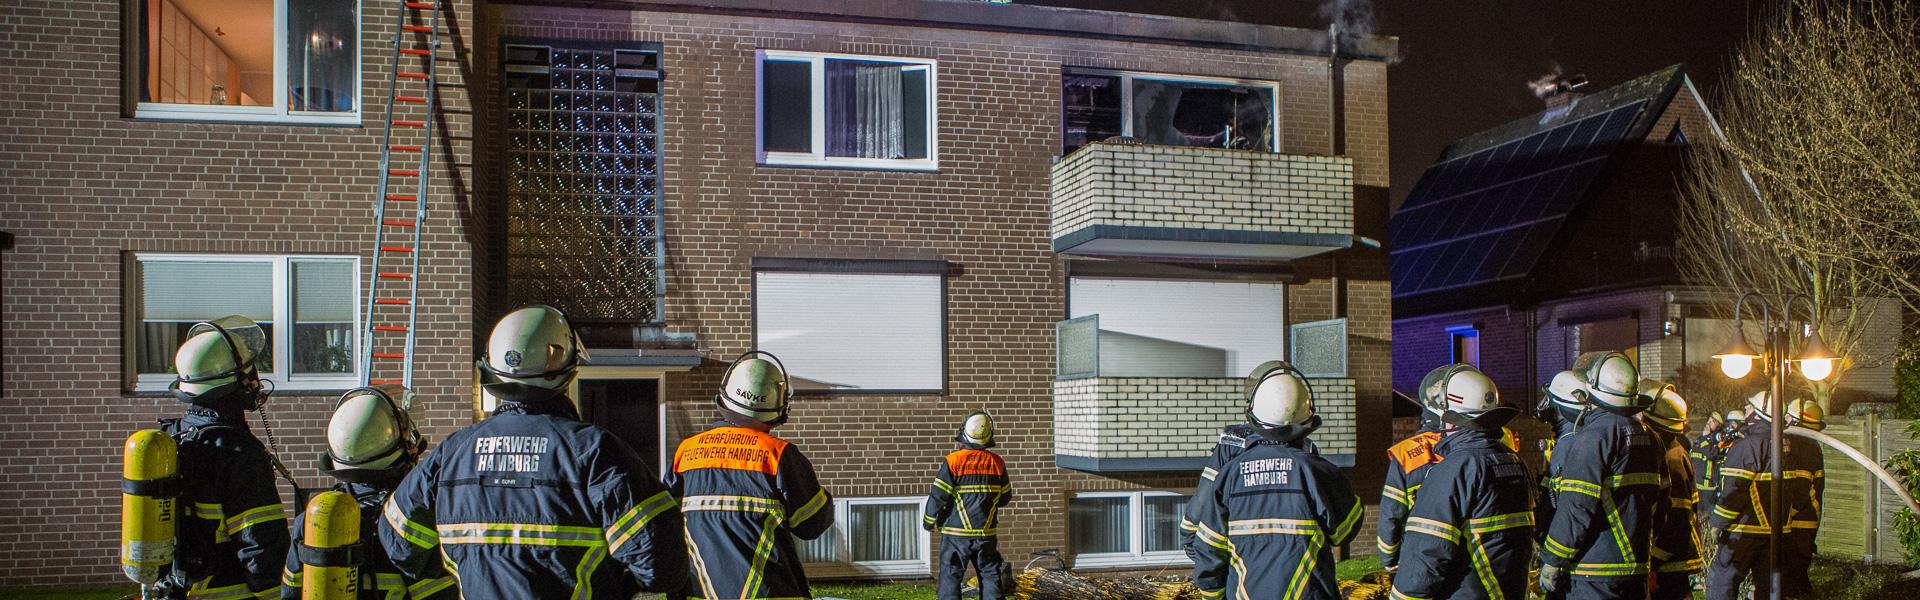 13.01.2018 – Wohnungsbrand sorgt für Großeinsatz in Rahlstedt